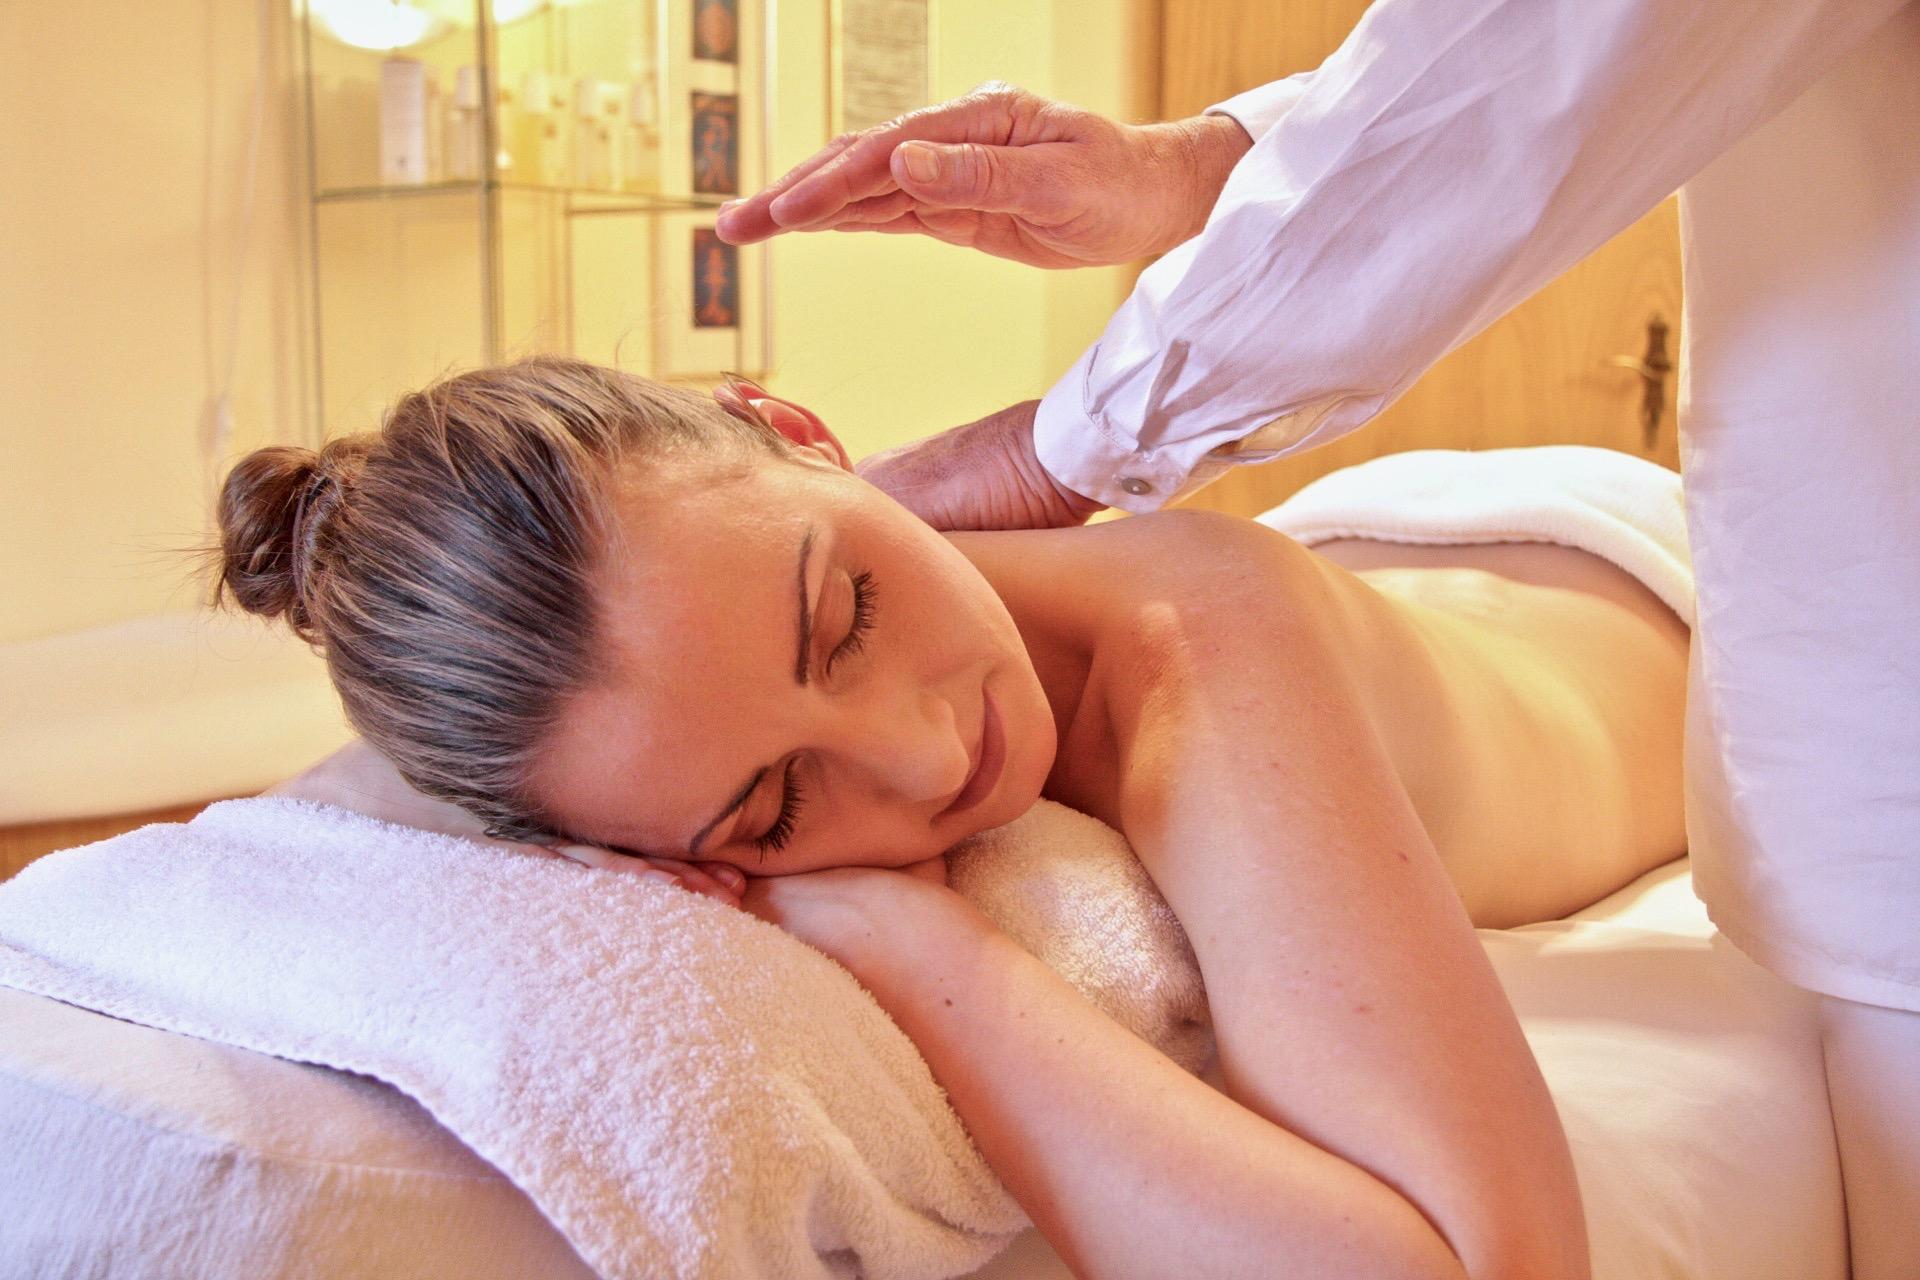 Una mujer se relaja y disfruta de una sesión de spa y masaje.